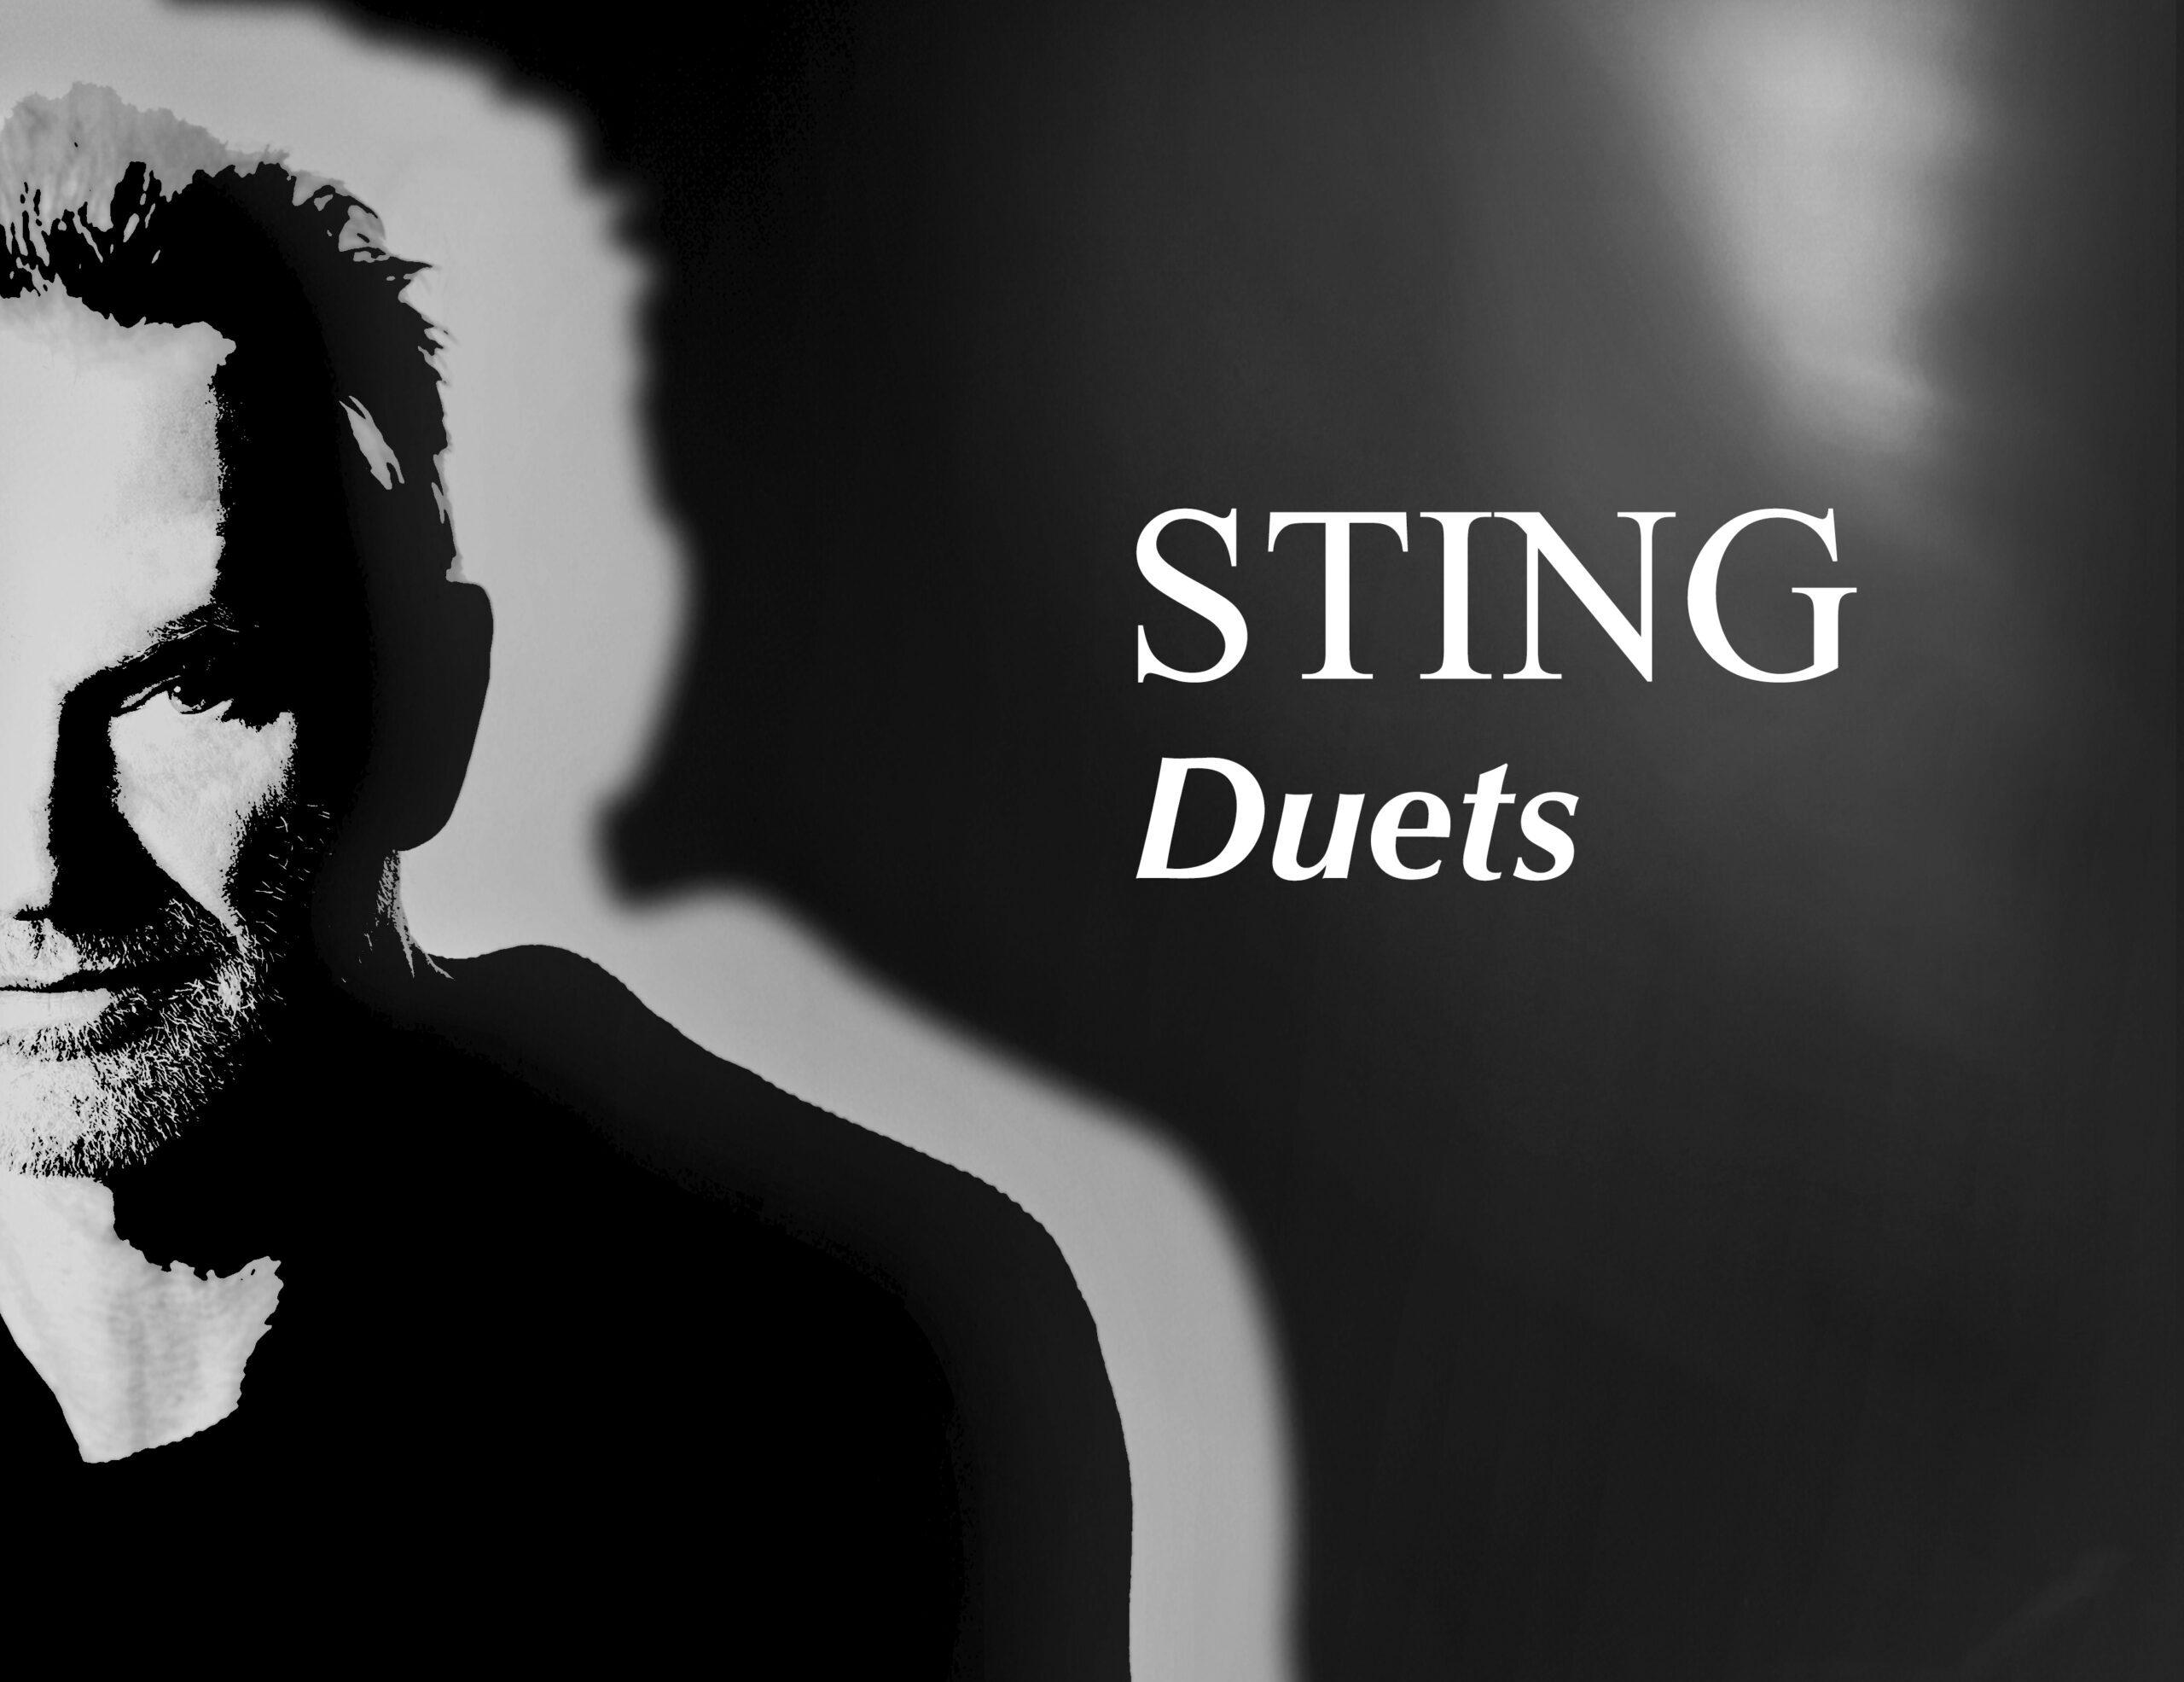 STING отлага премиерата на албума си с дуети за 2021 година